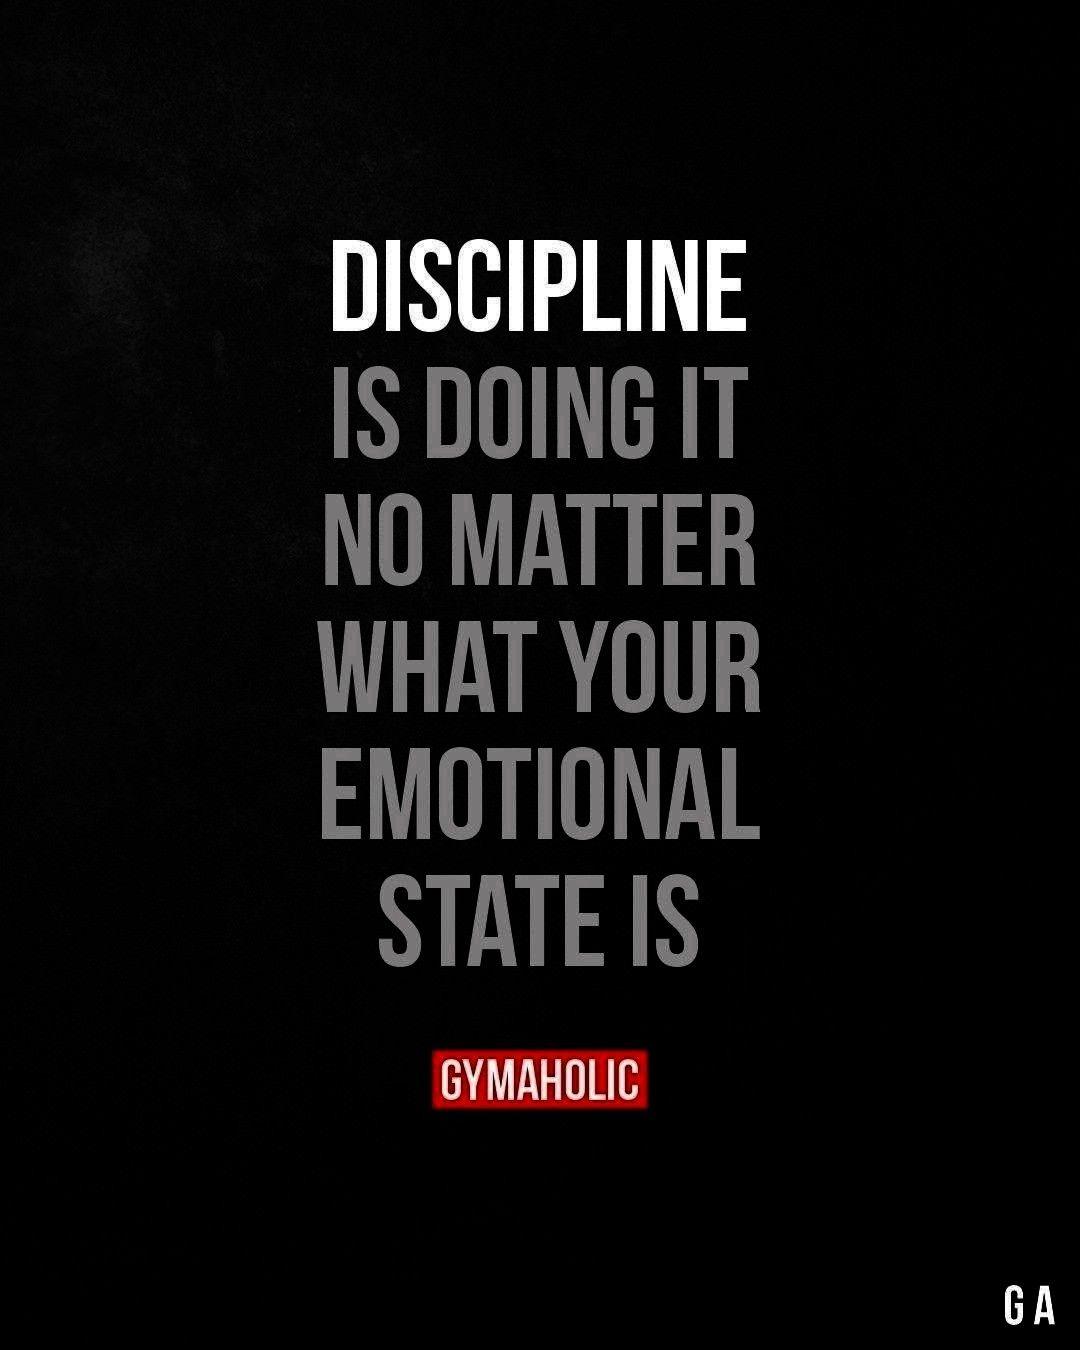 #transformationdiscipline #issprüchequotes #doingdiscipline #transformation #motivational #healthdoi...